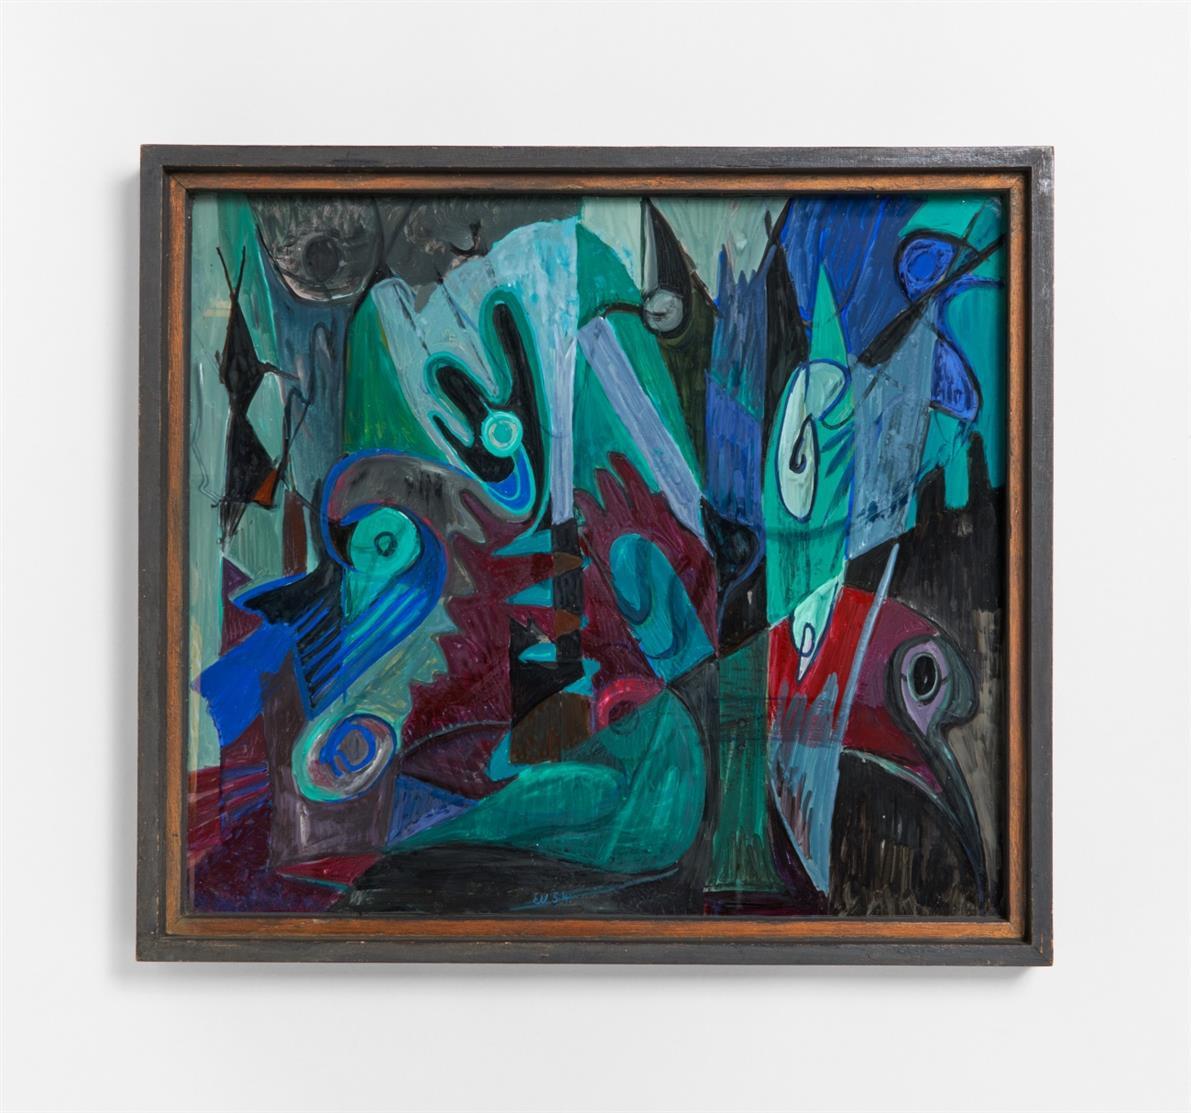 Ernst Weiers. Nächtlicher Wald. 1954. Hinterglasmalerei. Monogrammiert.